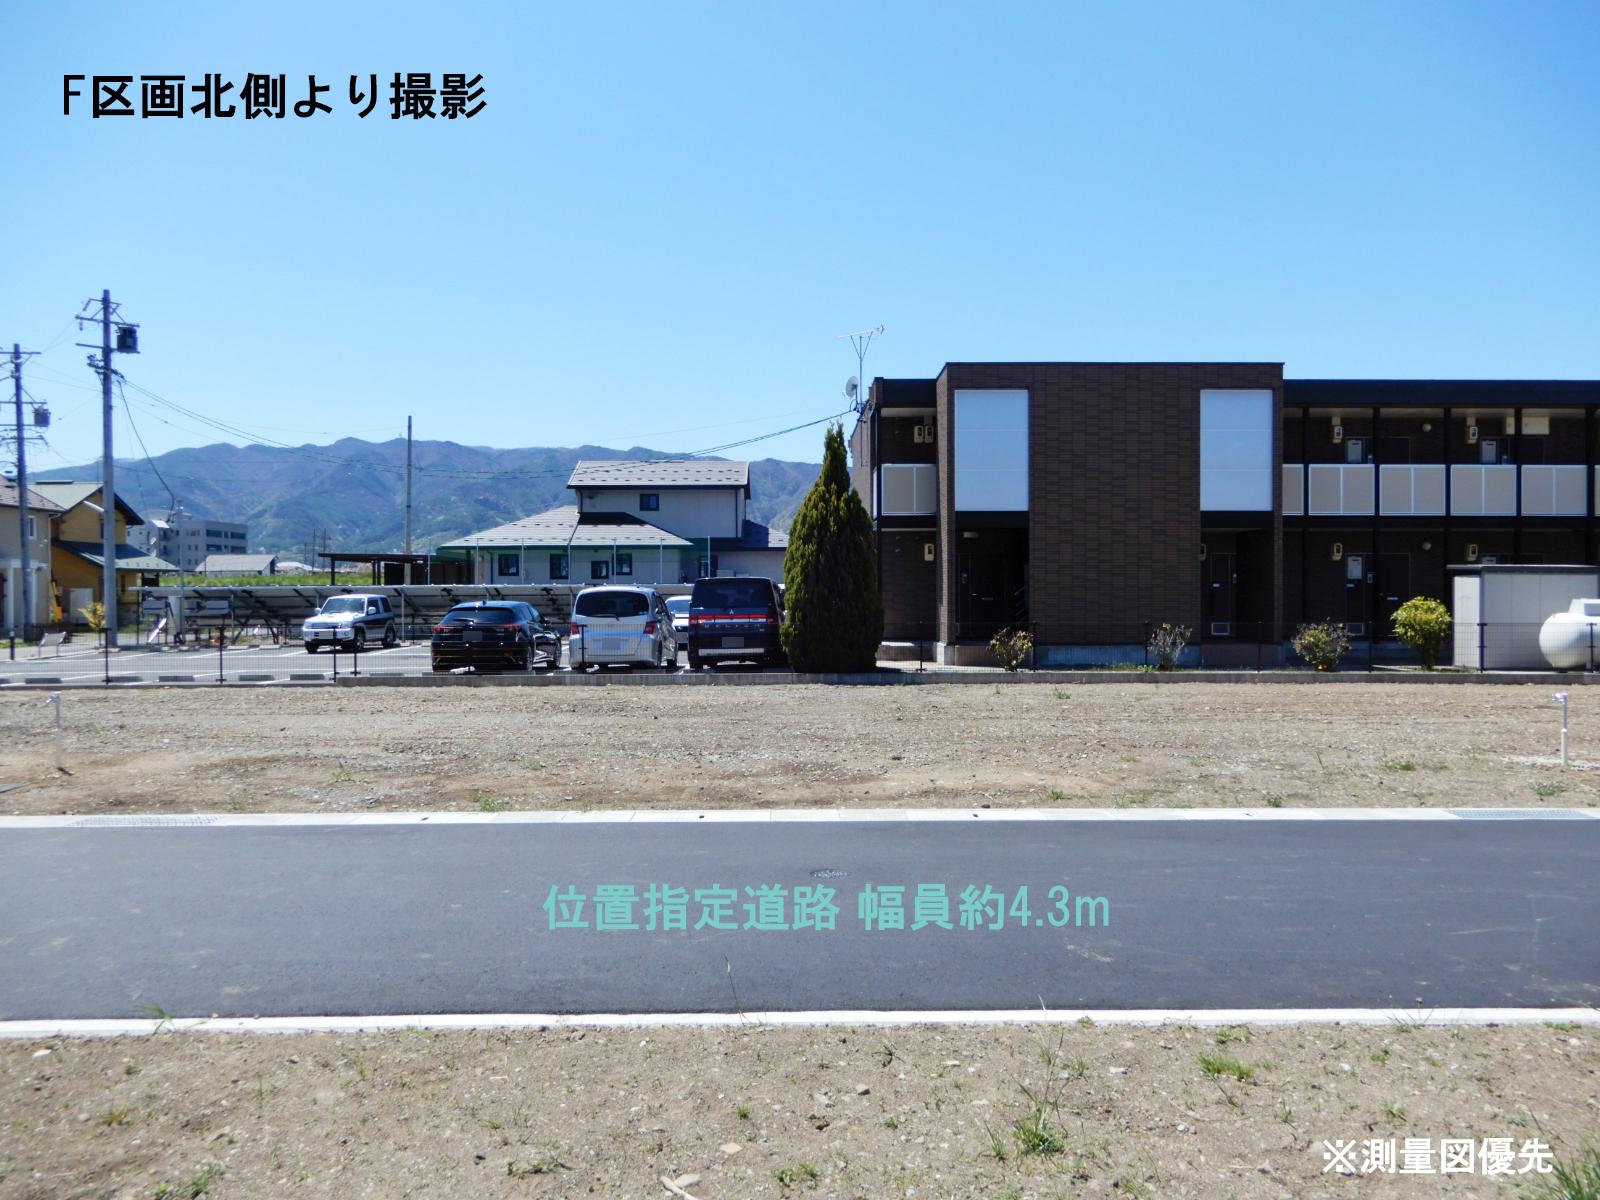 諏訪市上川二丁目 F区画_アイキャッチ画像